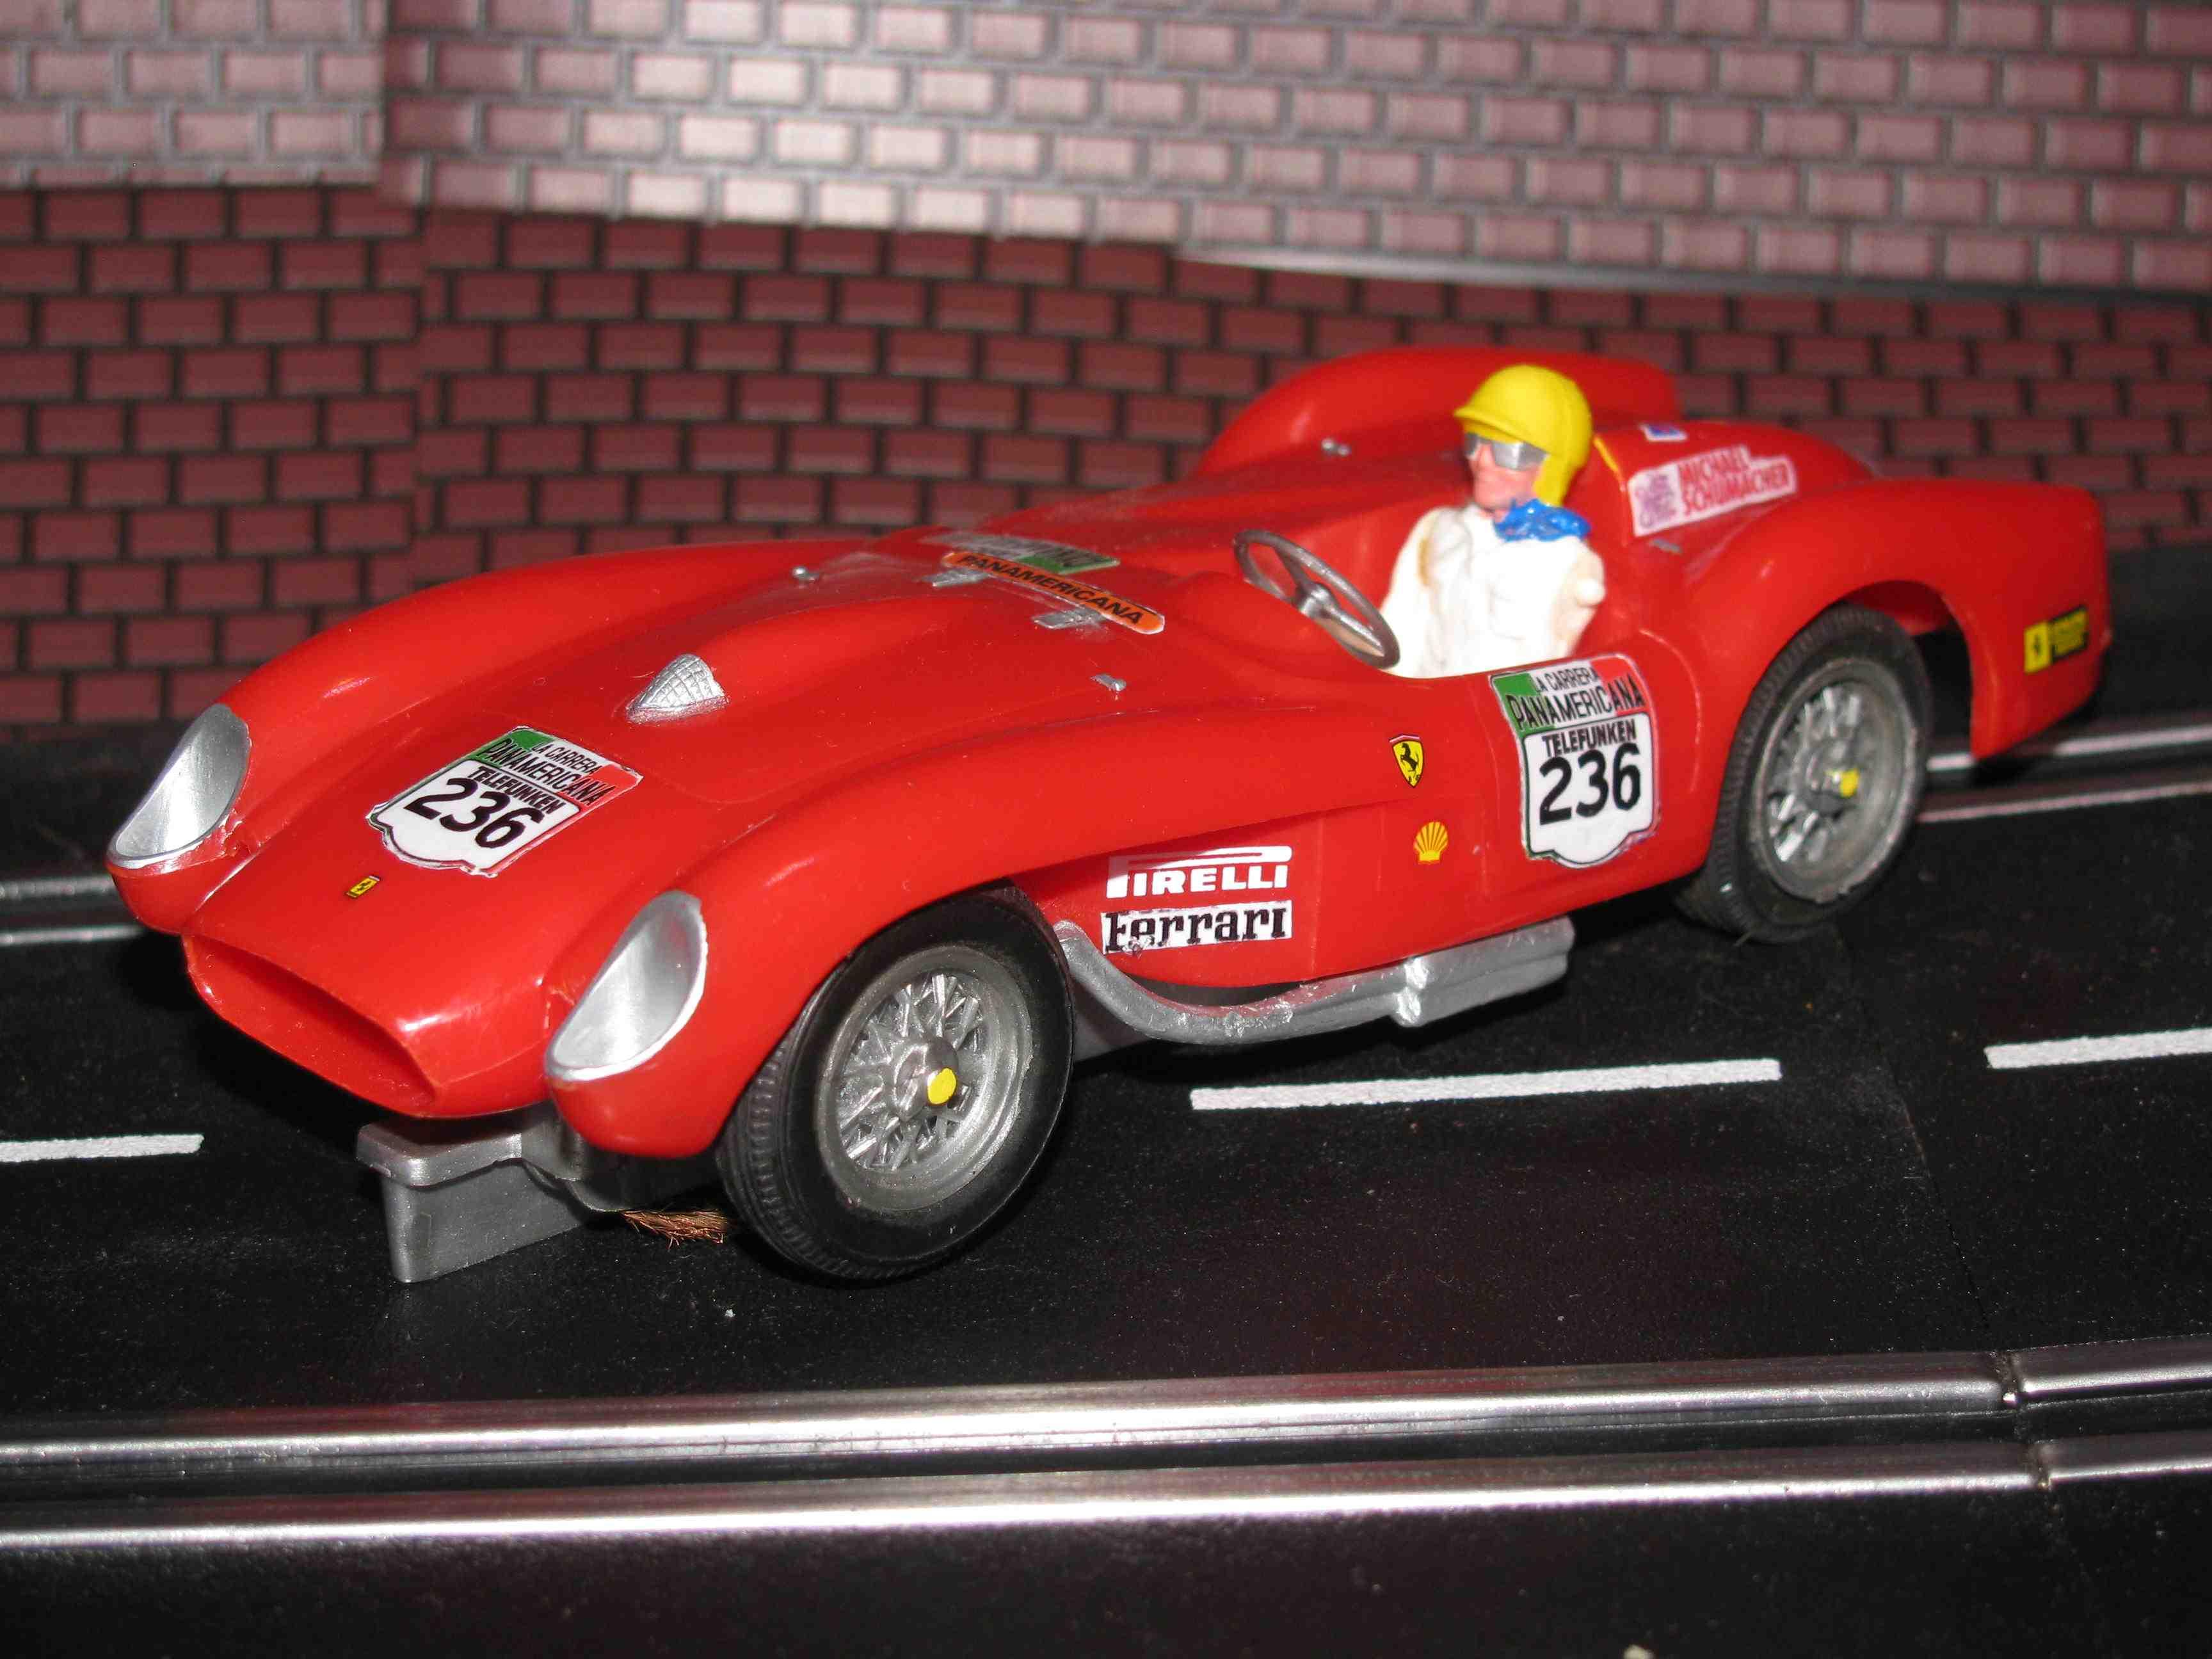 * SOLD * REVELL ORIGINAL FERRARI 250TR Testarossa Red - Car 236